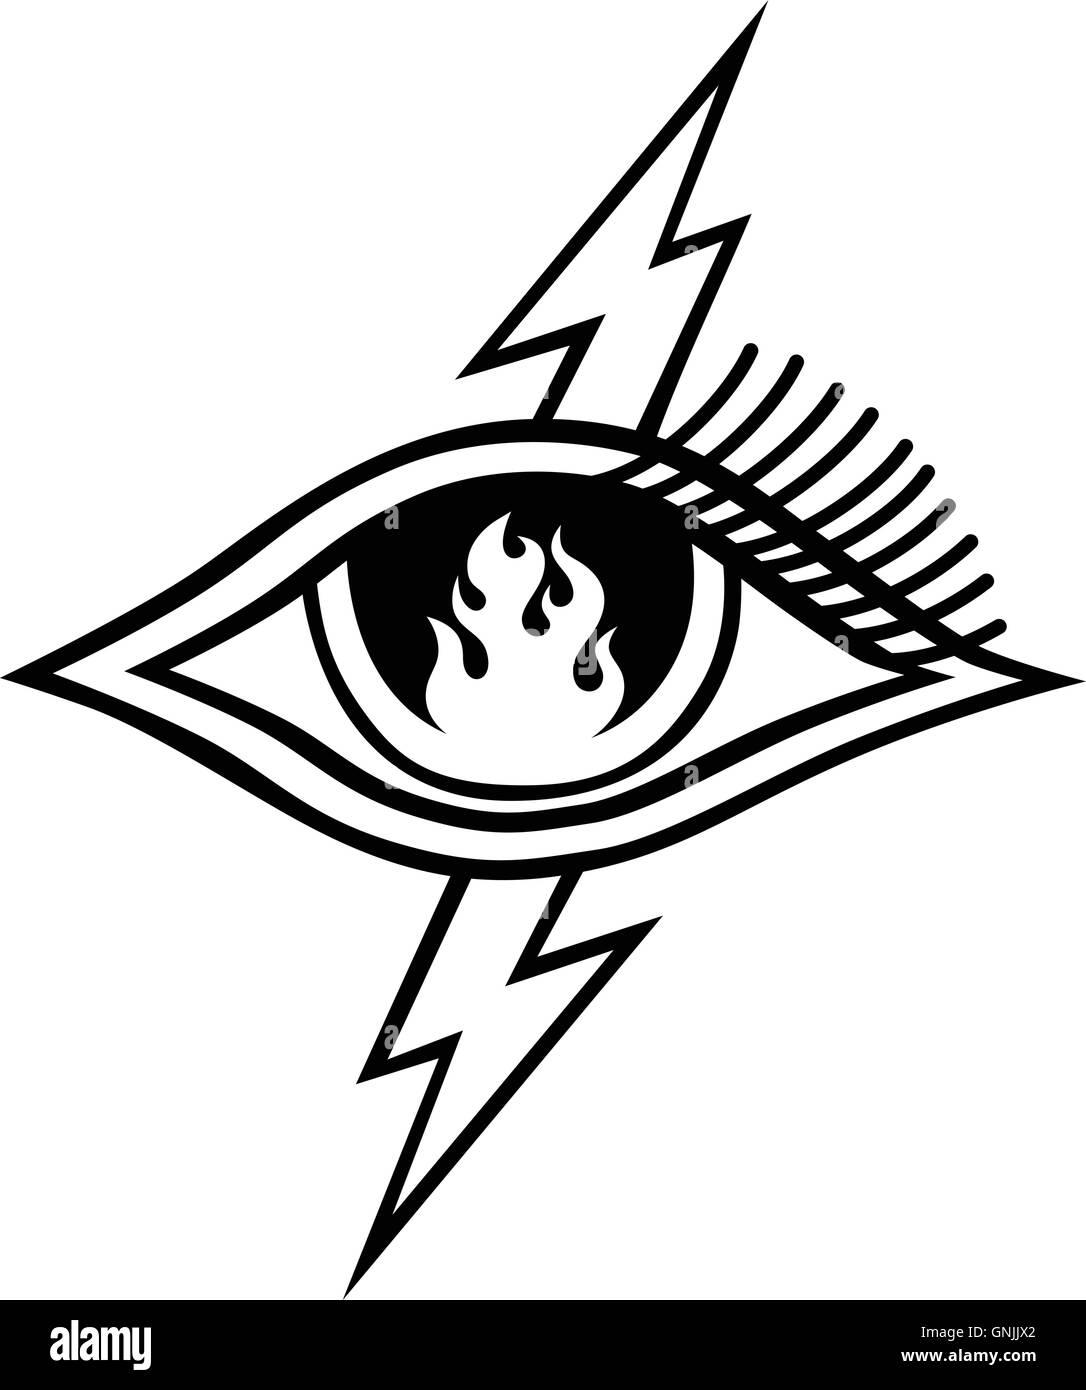 Flame Eye Symbol Theme Stock Photos Flame Eye Symbol Theme Stock